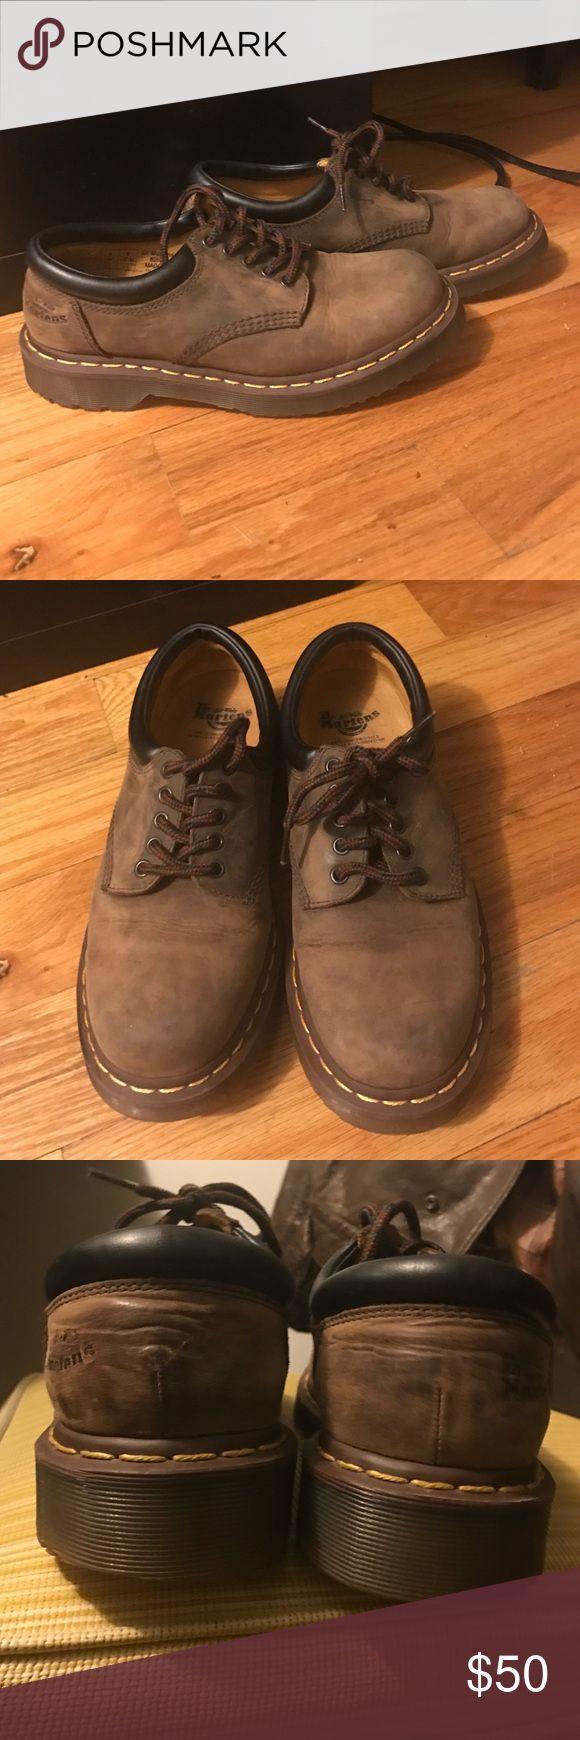 Dr.Martens 8053 Crazy Horse Tan nubuck shoes Dr.Martens 8053 Crazy Horse Tan nubuck shoes. Excellent condition.  No flaws Dr. Martens Shoes Oxfords & Derbys